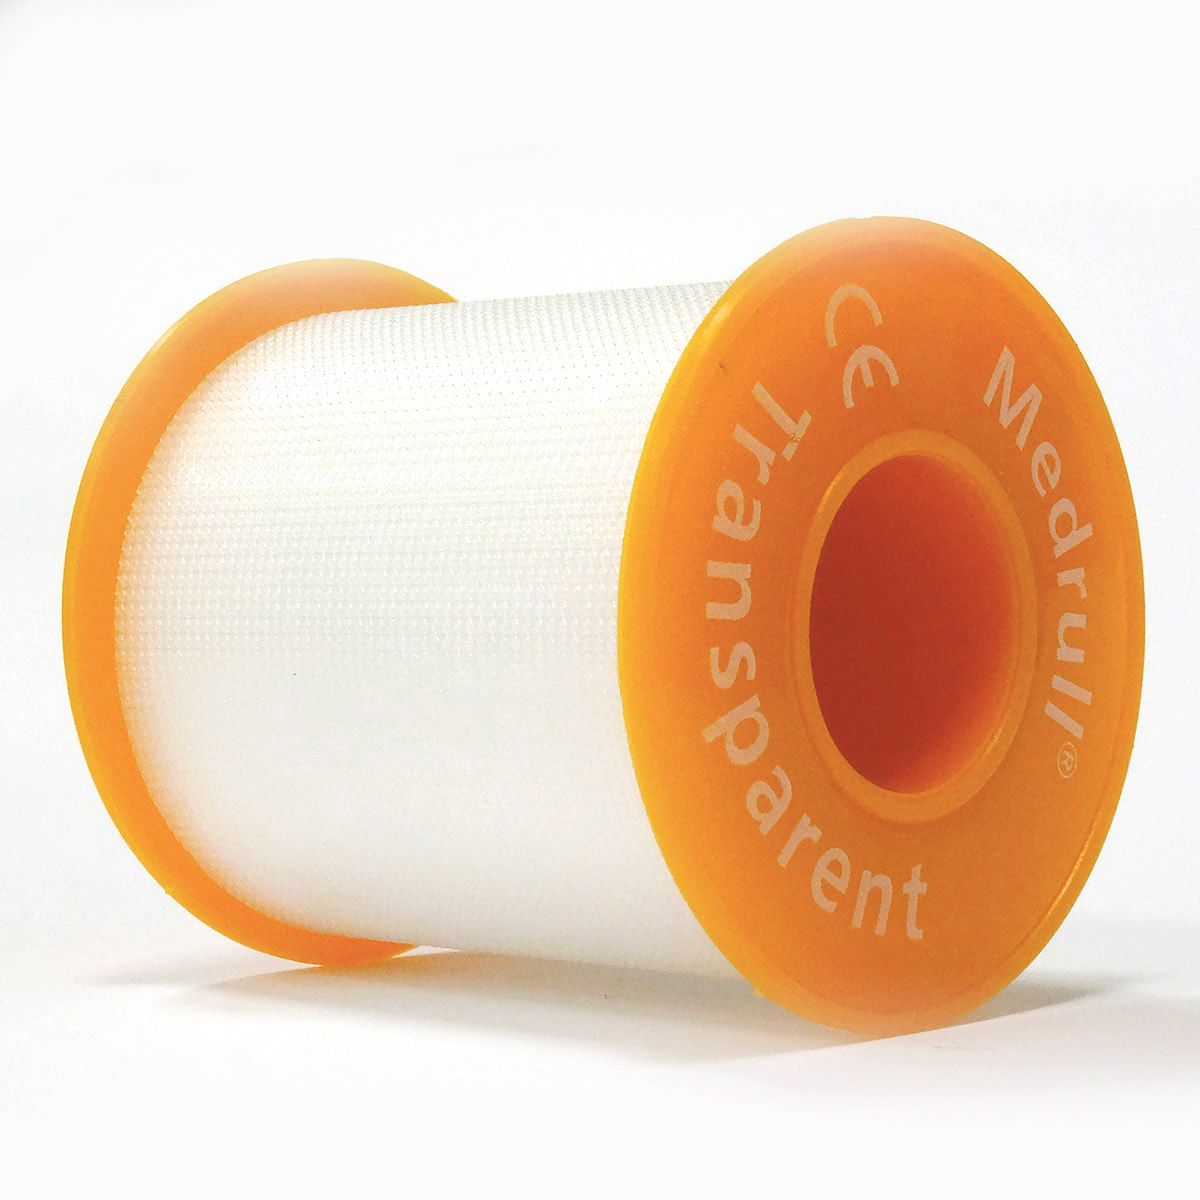 Medrull Лейкопластырь медицинский фиксирующий Transparent, рулонный на полимерной основе, 5х500 см4742225005991ПЛАСТЫРЬ В РУЛЛОНЧИКЕ TRANSPARENT/ ПРОЗРАЧНЫЙ Состав Полимерный материал. Структура материала Перфорированый полимерный материал на цинк – оксидной основе. Размер 5cм x 500cм